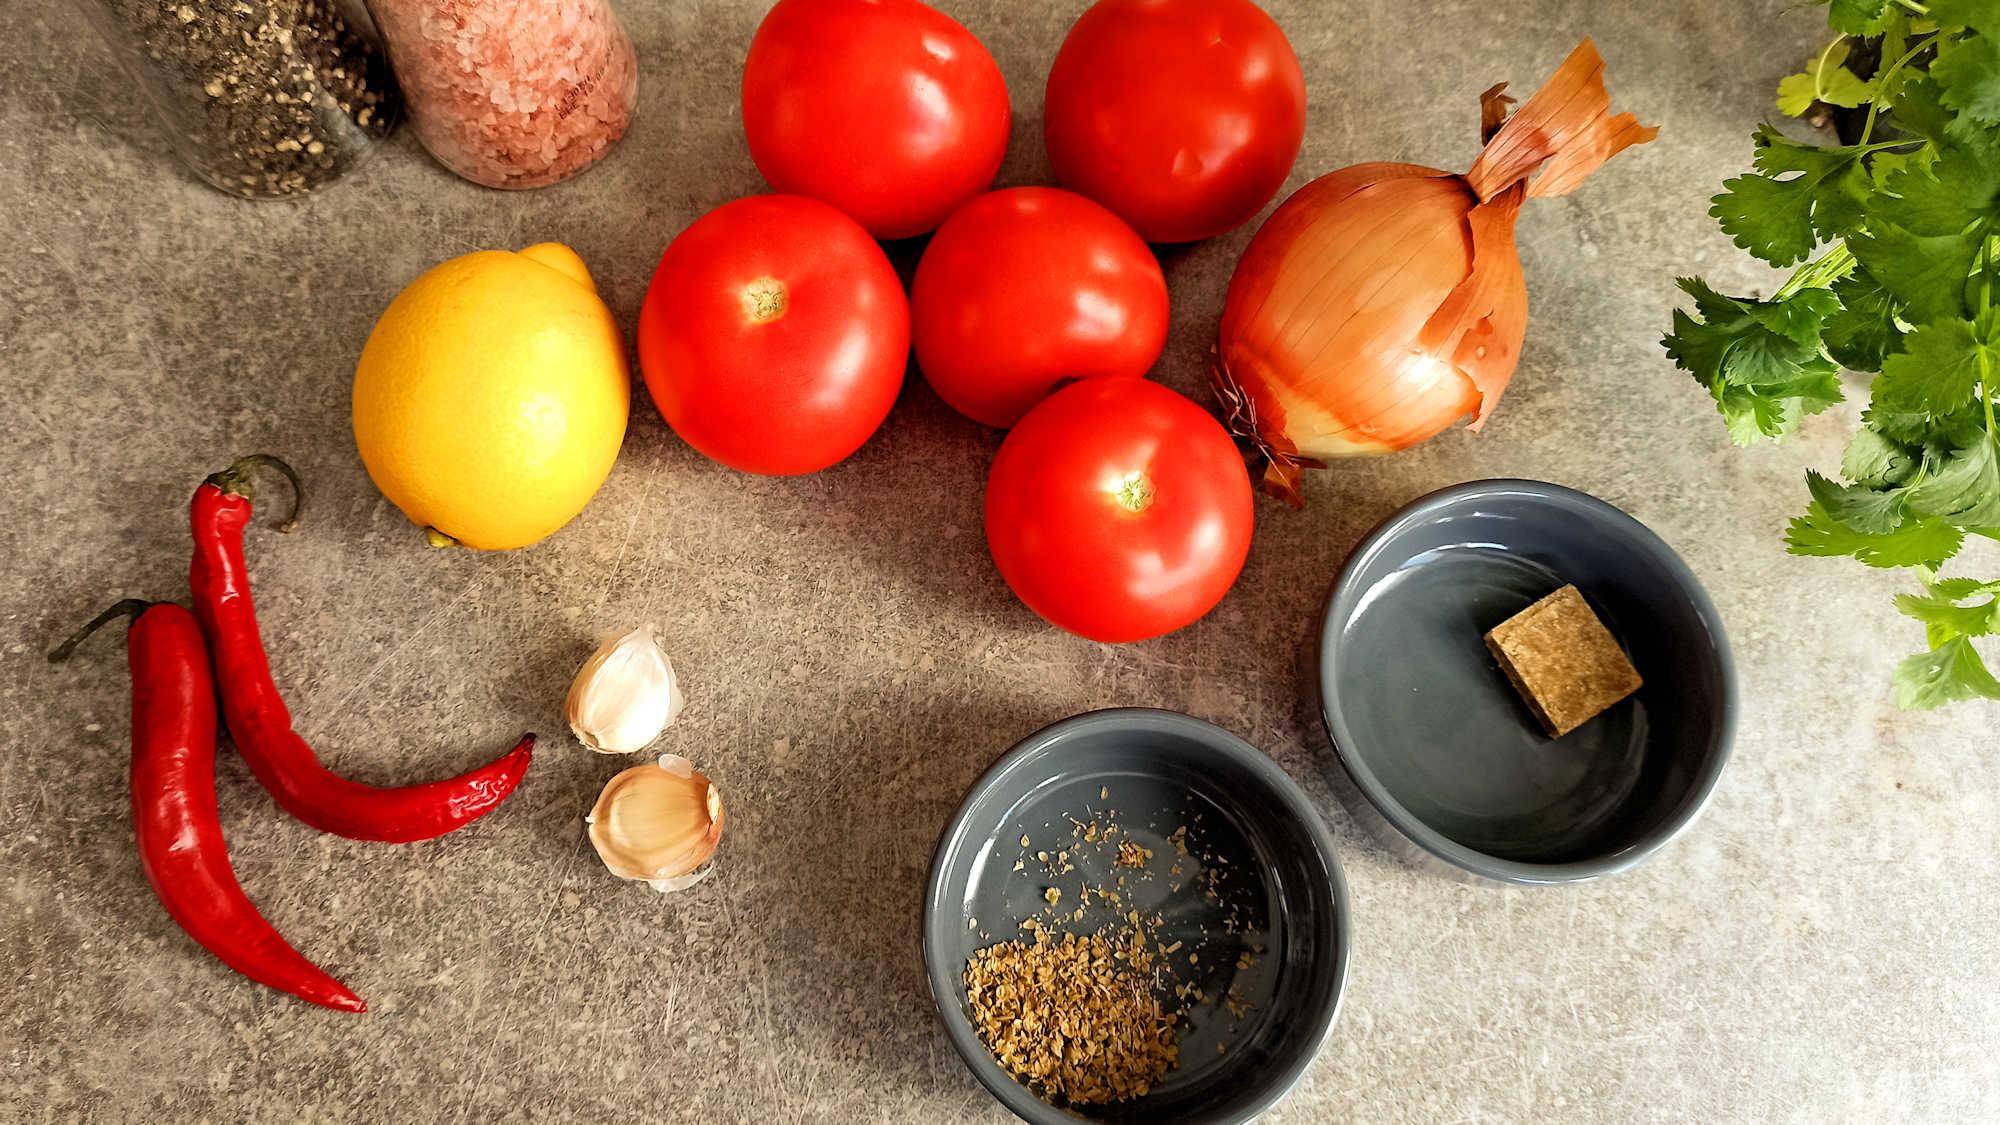 Les ingrédients de la sauce mexicaine maison - Salsa roja